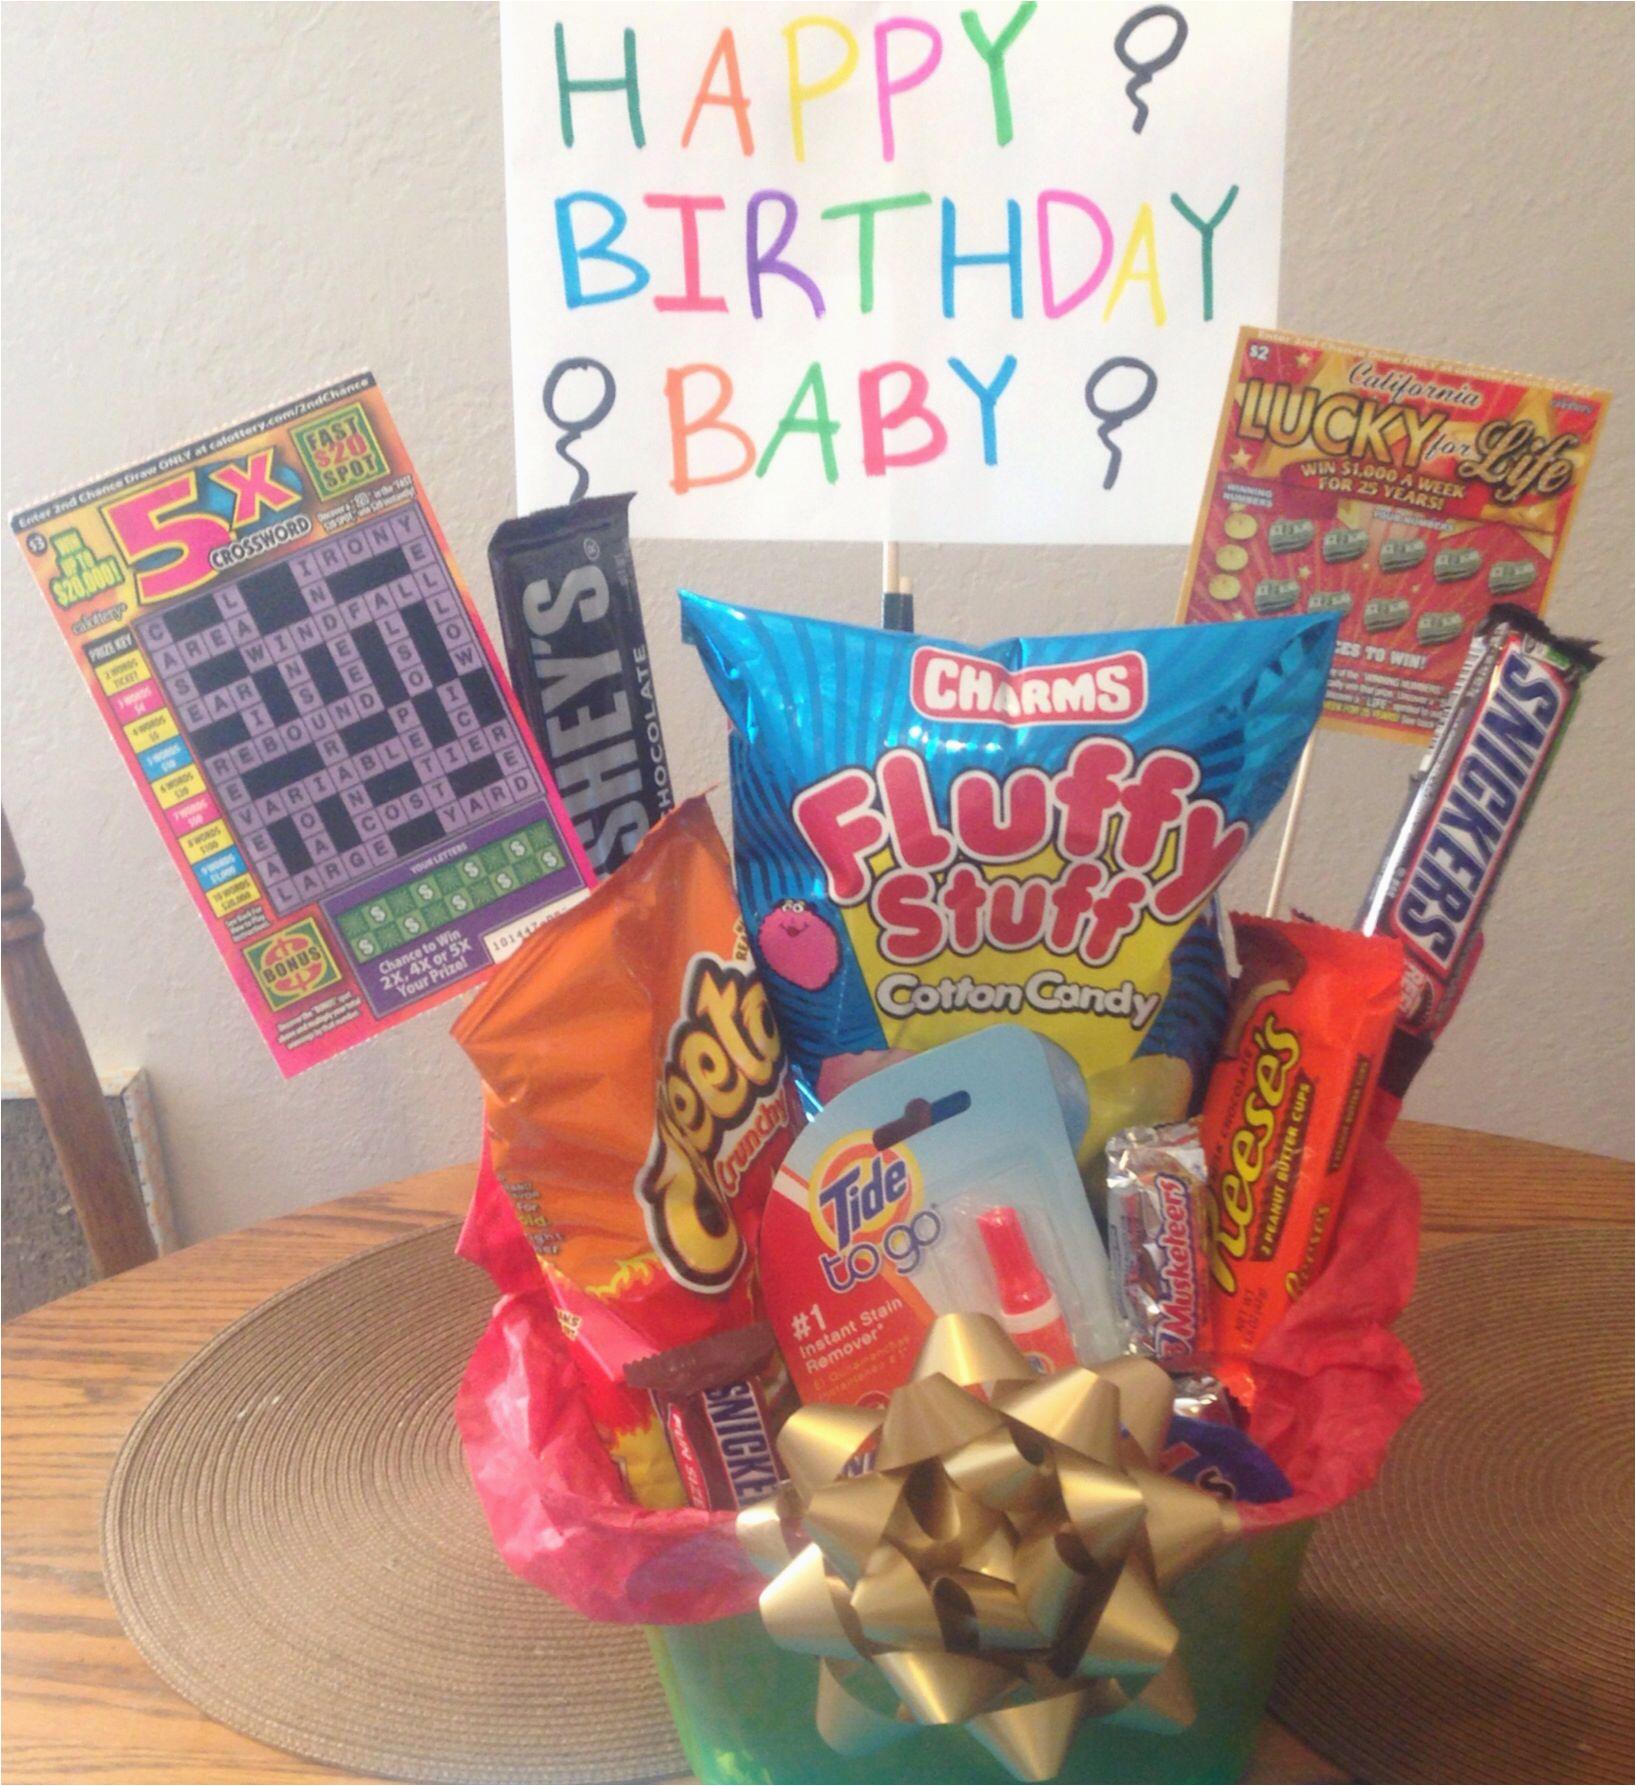 gift ideas for boyfriend 22nd birthday